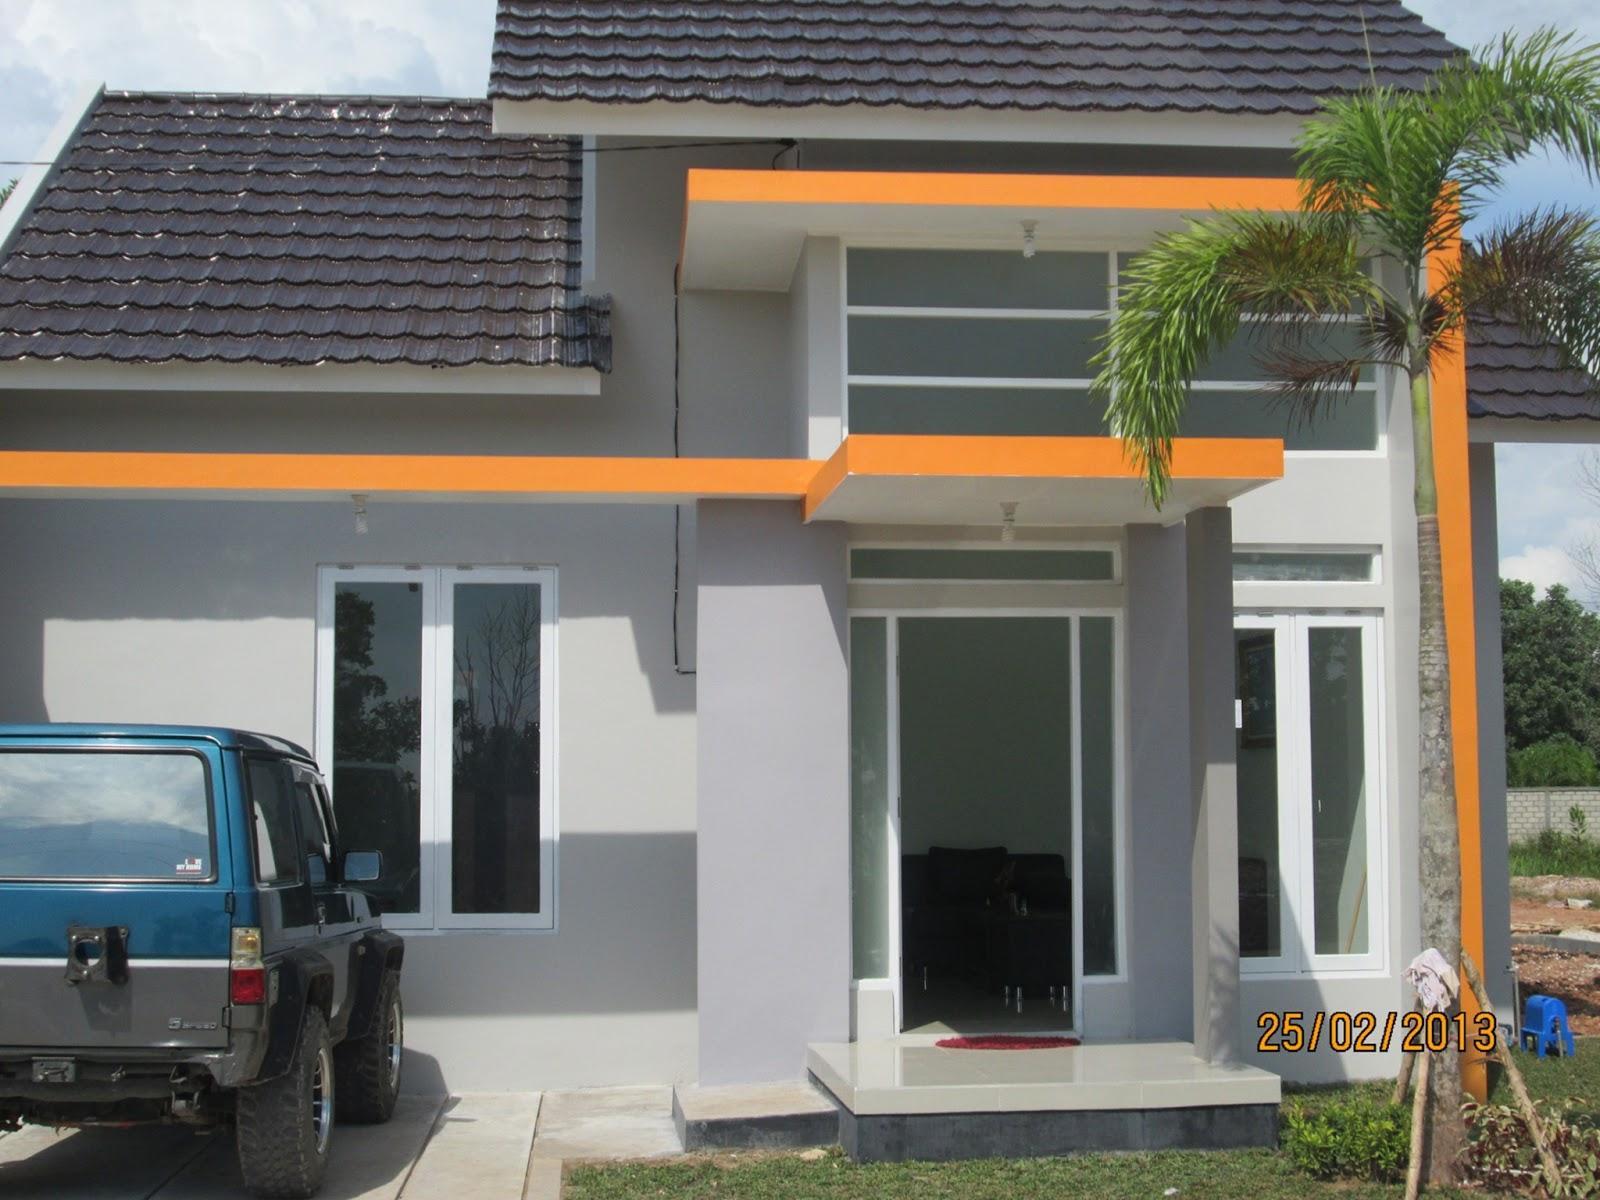 Pondasi Dengan Baja Ringan Jual Beli Di Kalimantan: Contoh Rumah Type 45 Citra Graha ...